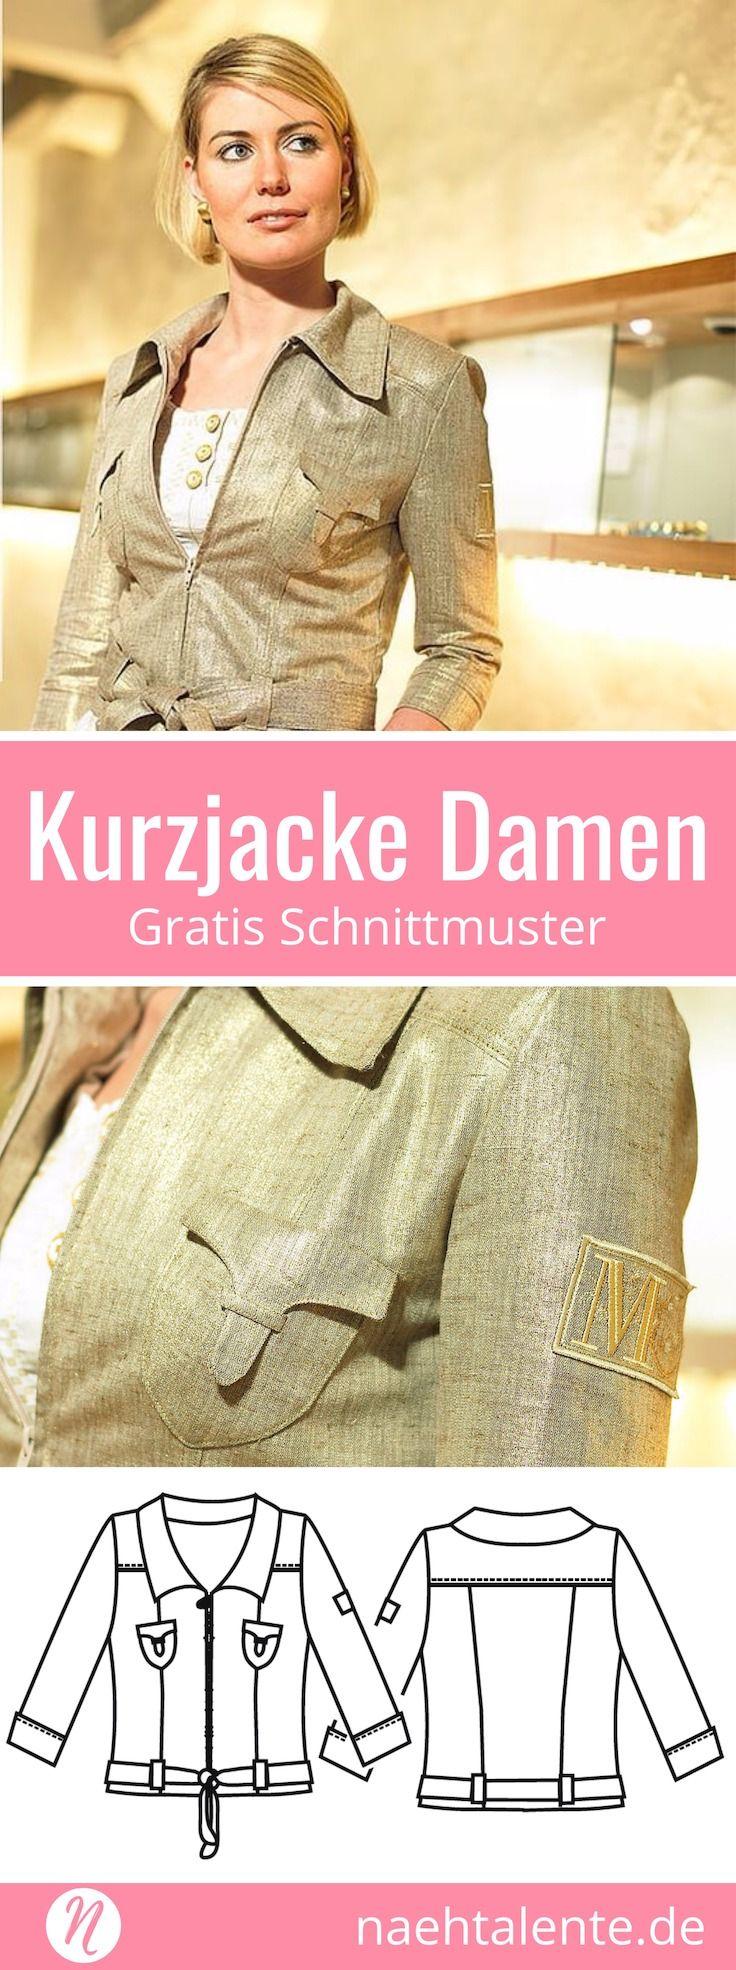 75 best Schnittmuster | Mäntel & Jacken images on Pinterest | Mäntel ...